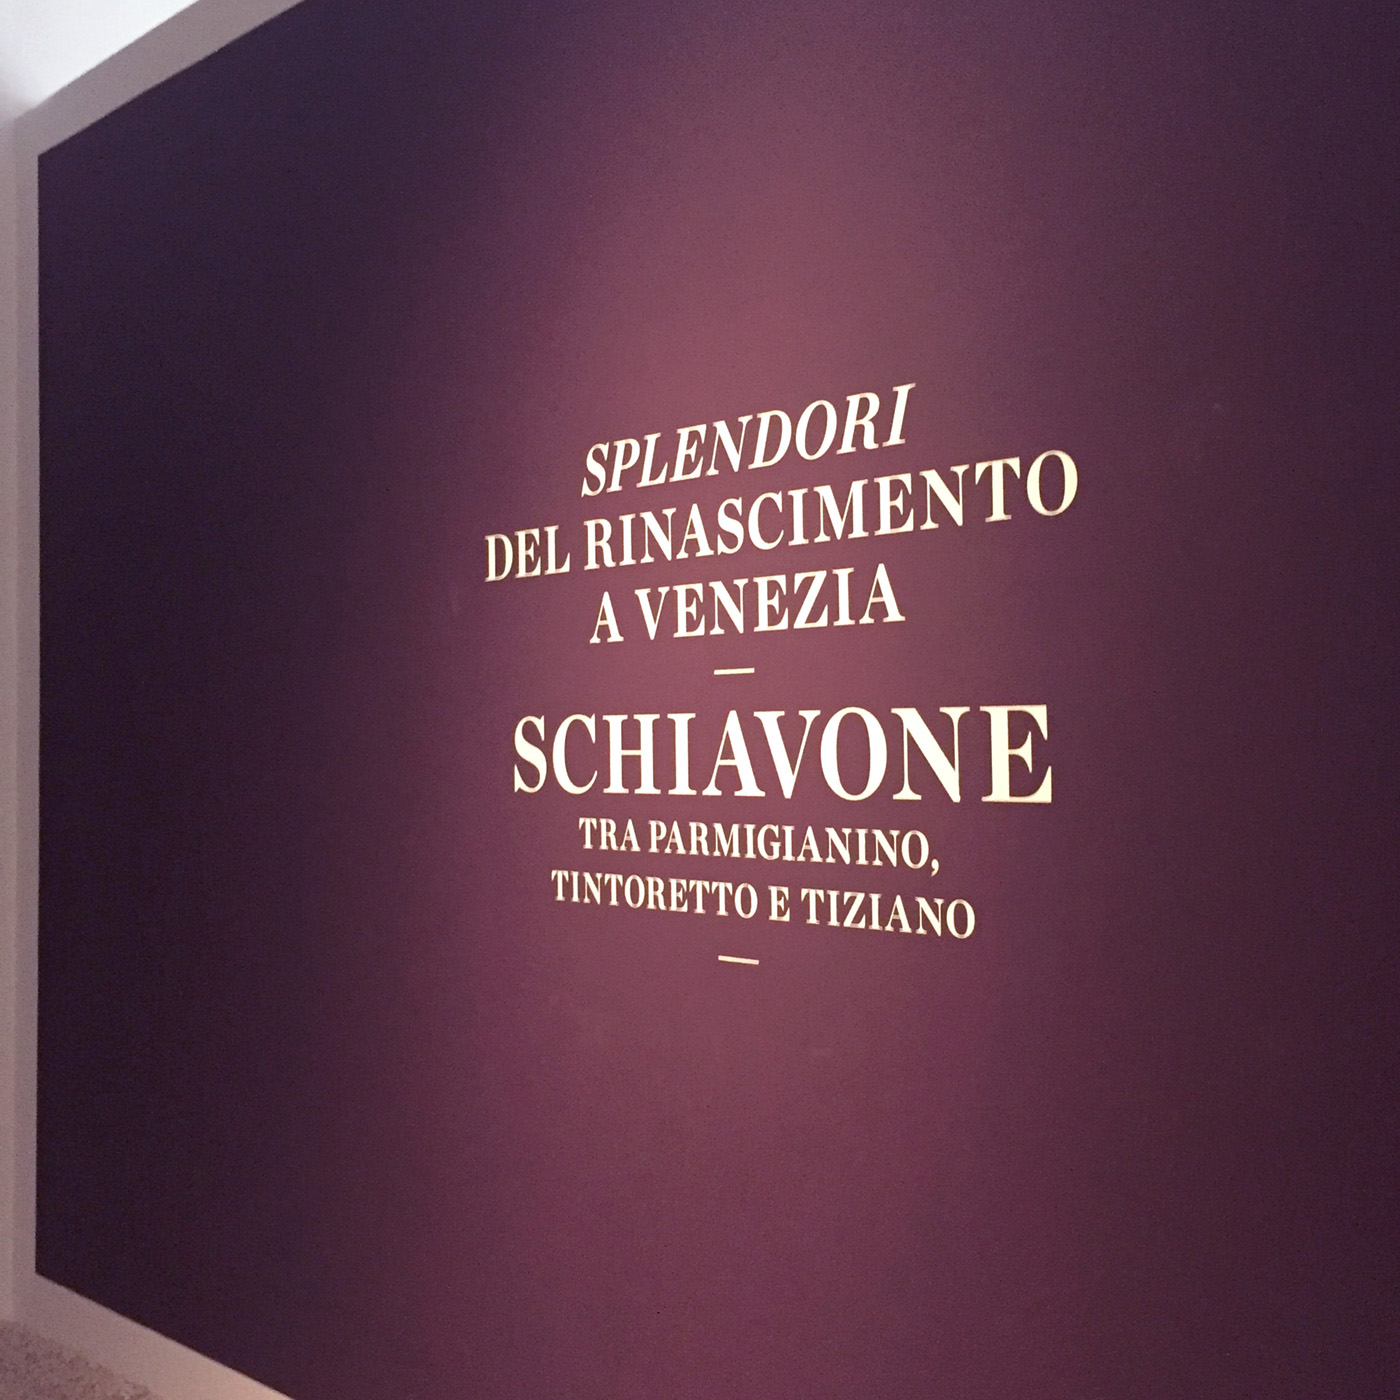 Splendoridel-Rinascimento-VenezianoSchiavone-tra-ParmigianinoTintoretto-e-Tiziano-004